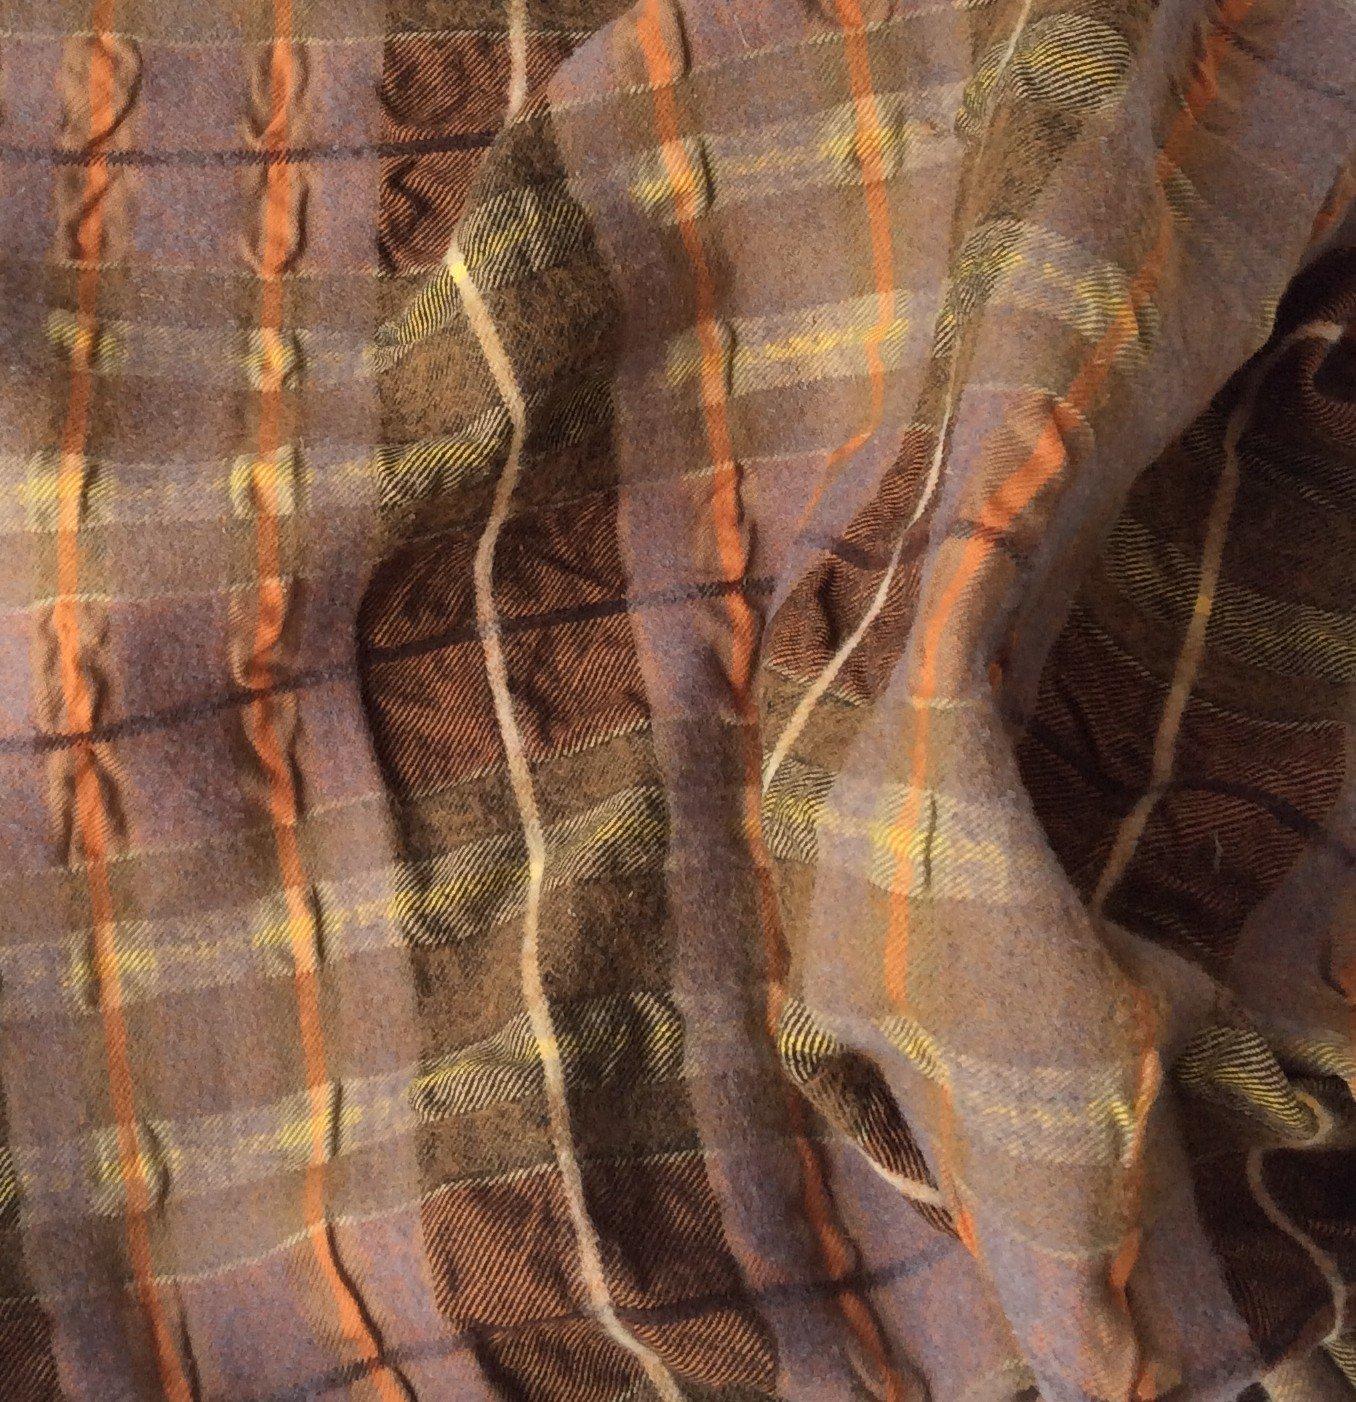 Tissu ecossais habillement 3D marron cuivré cloqué, jupe, blouson, pantalon